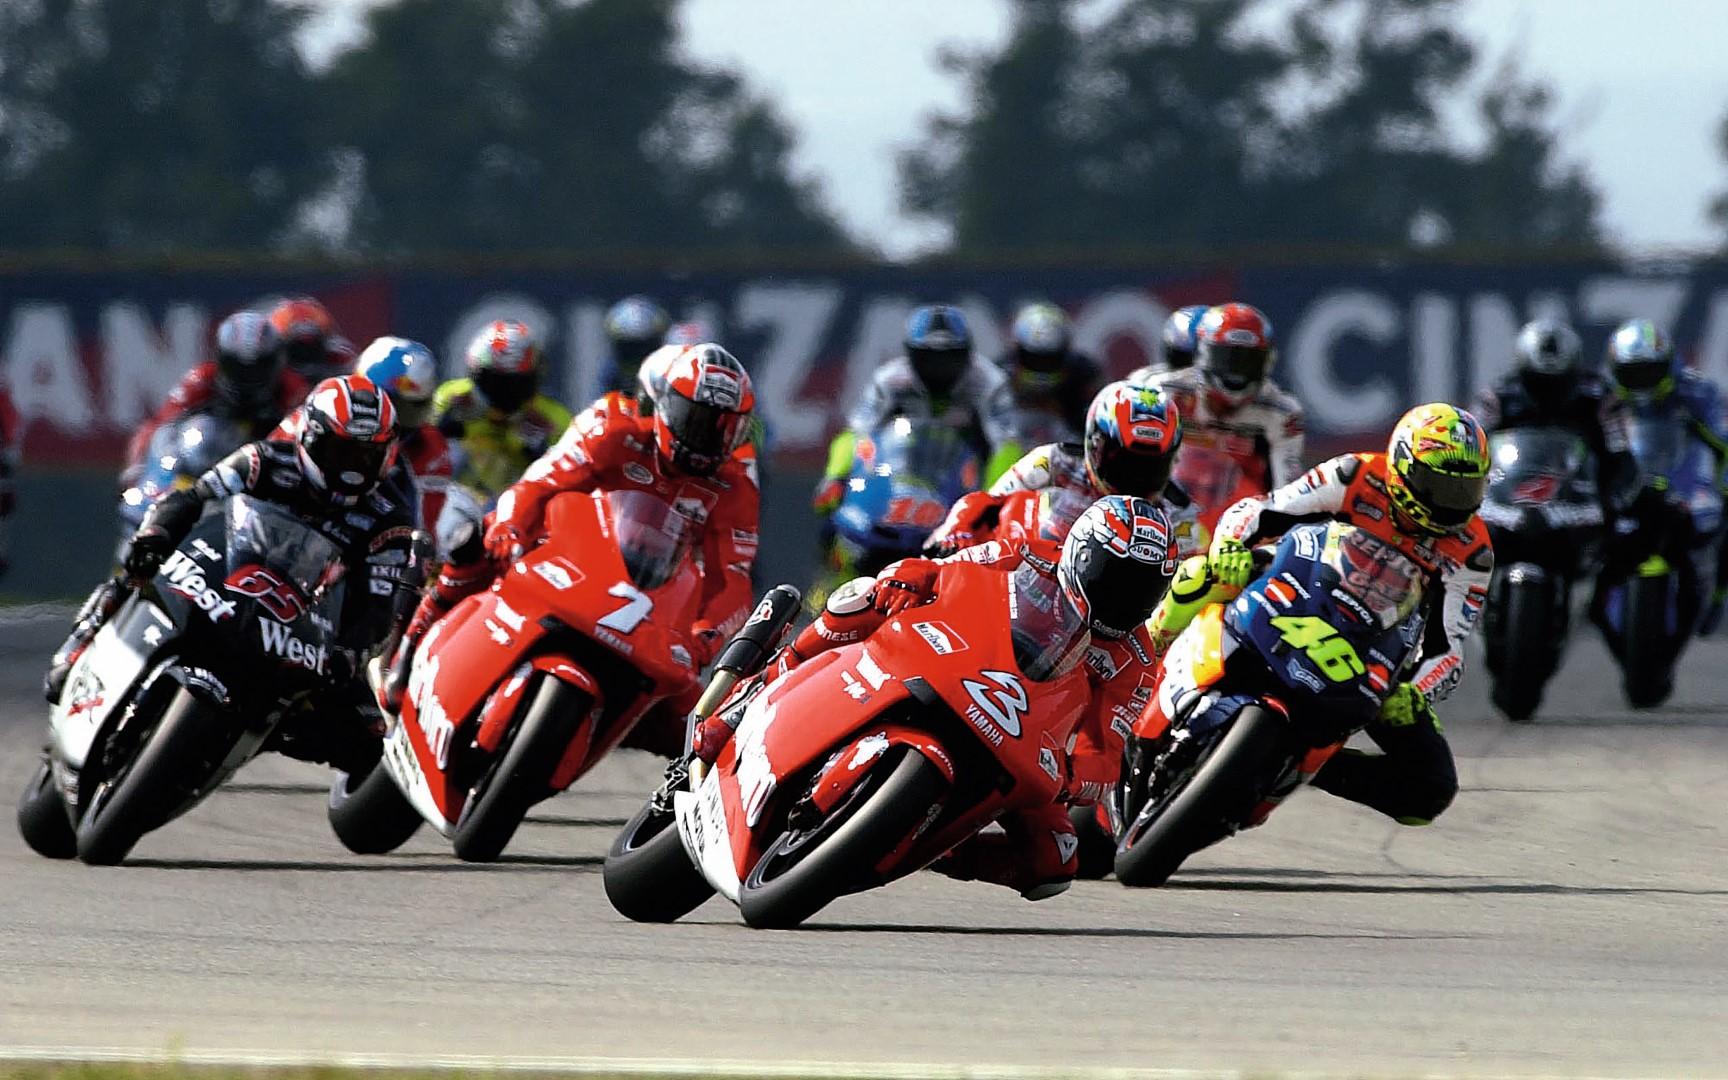 15 aniversario de MotoGP, análisis en MOTOCICLISMO